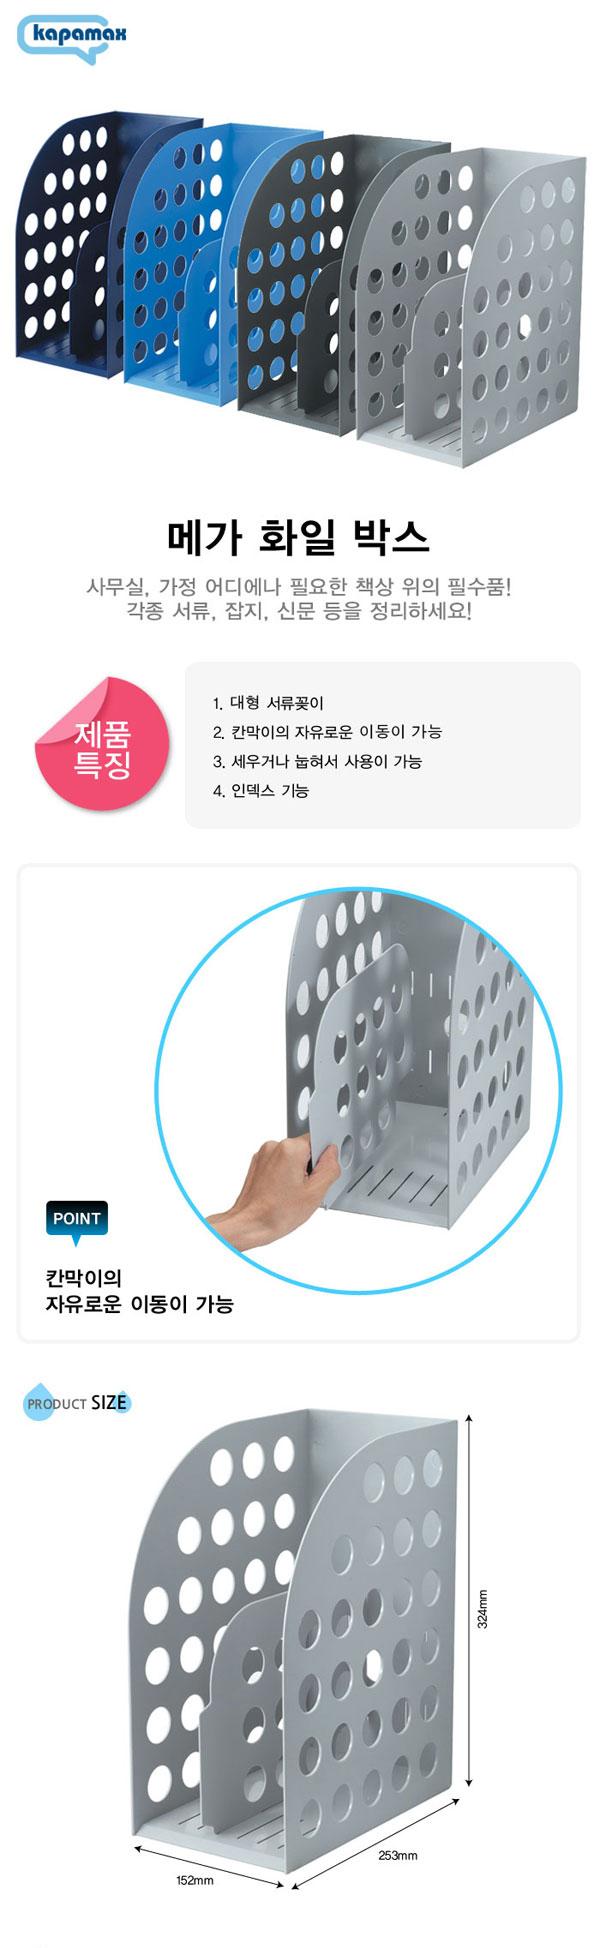 paper-mega_D28824.jpg